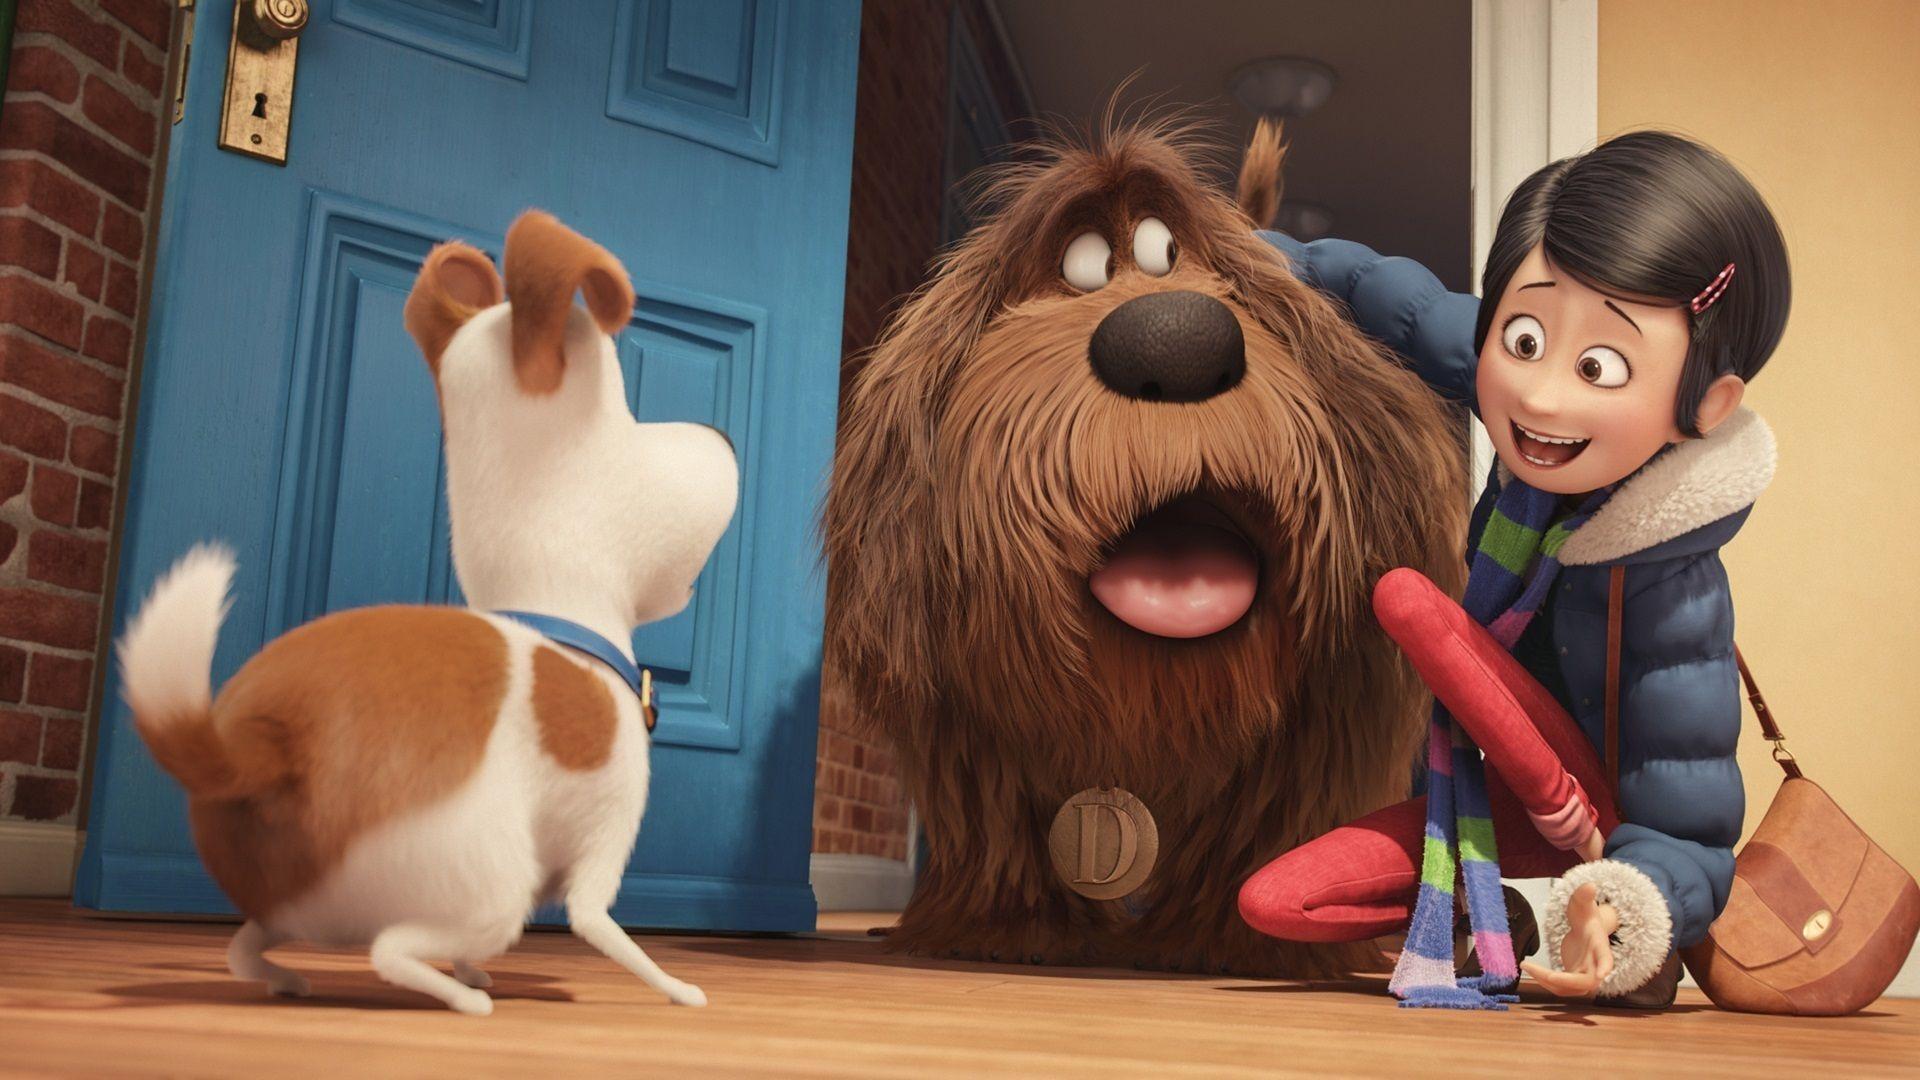 картинки из мультика тайная жизнь домашних животных: 20 ...